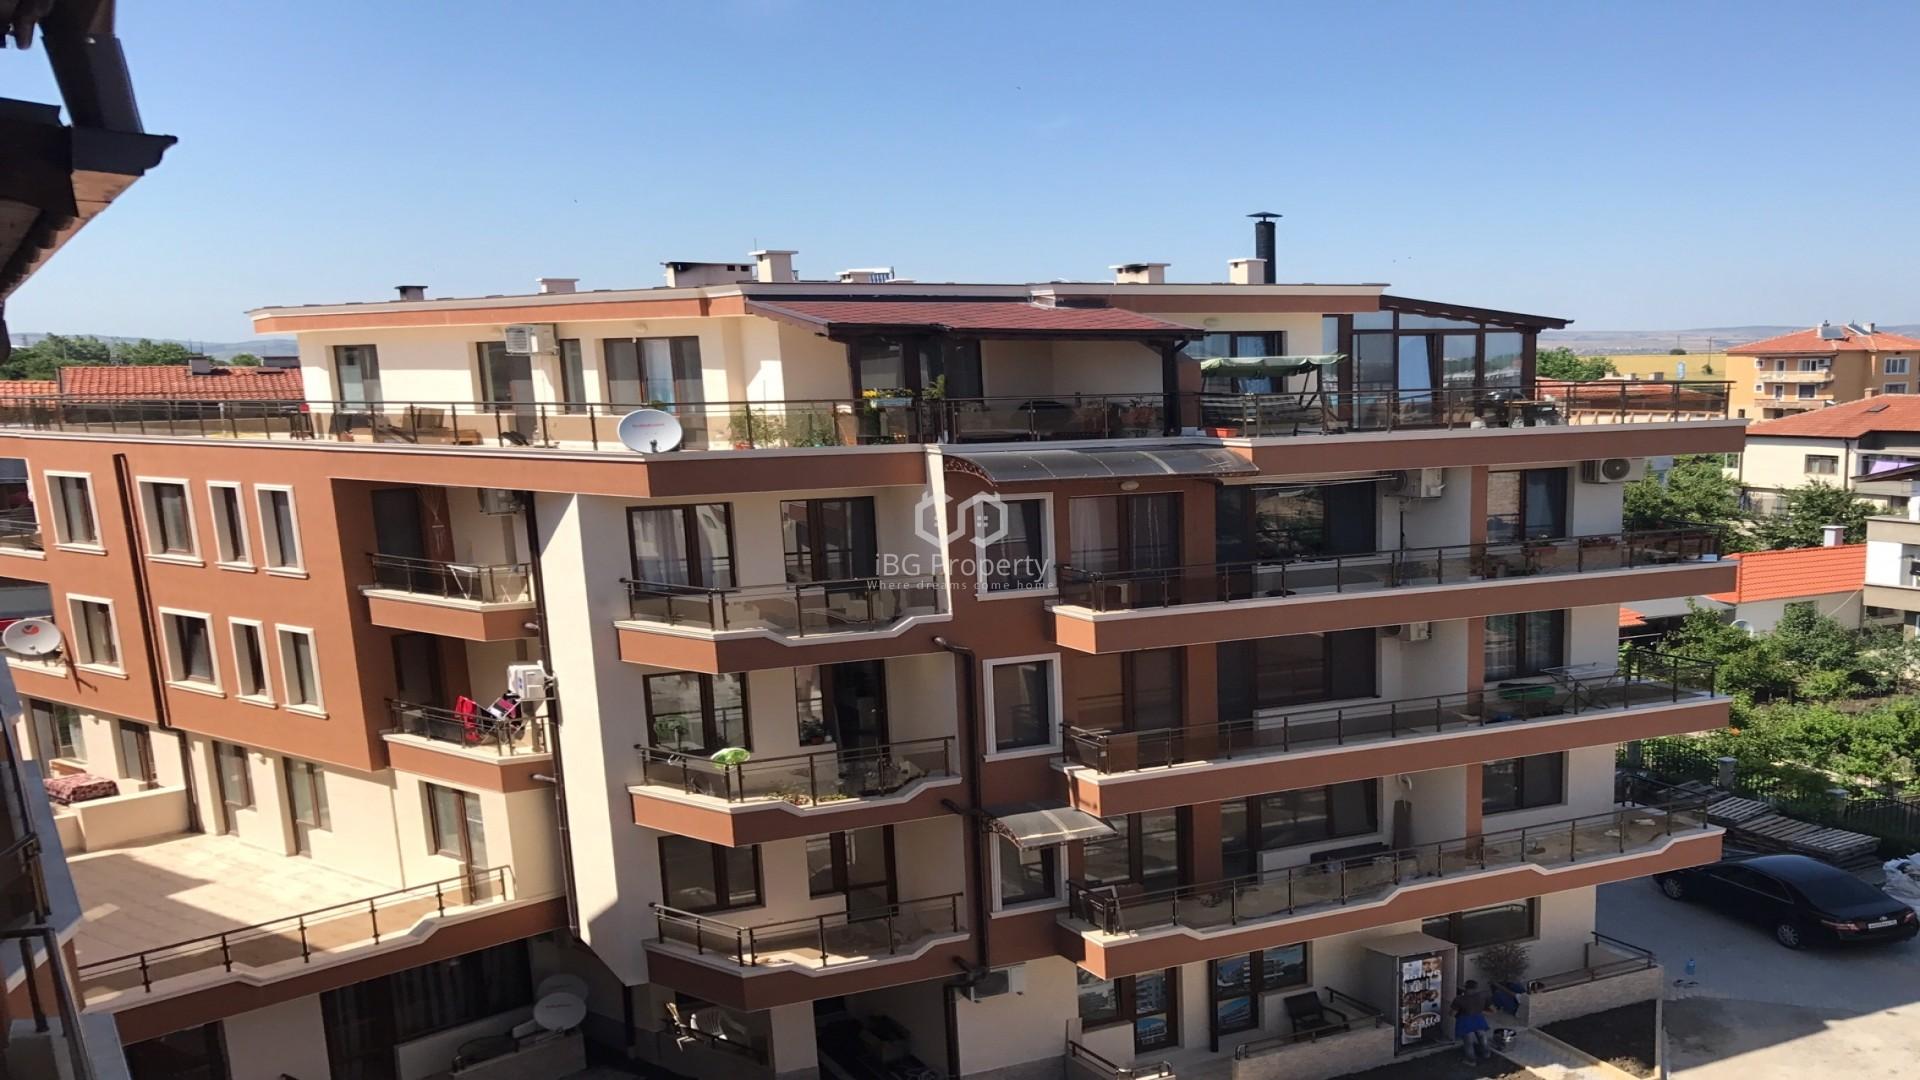 Трехкомнатная квартира Сарафово Бургас 89 m2